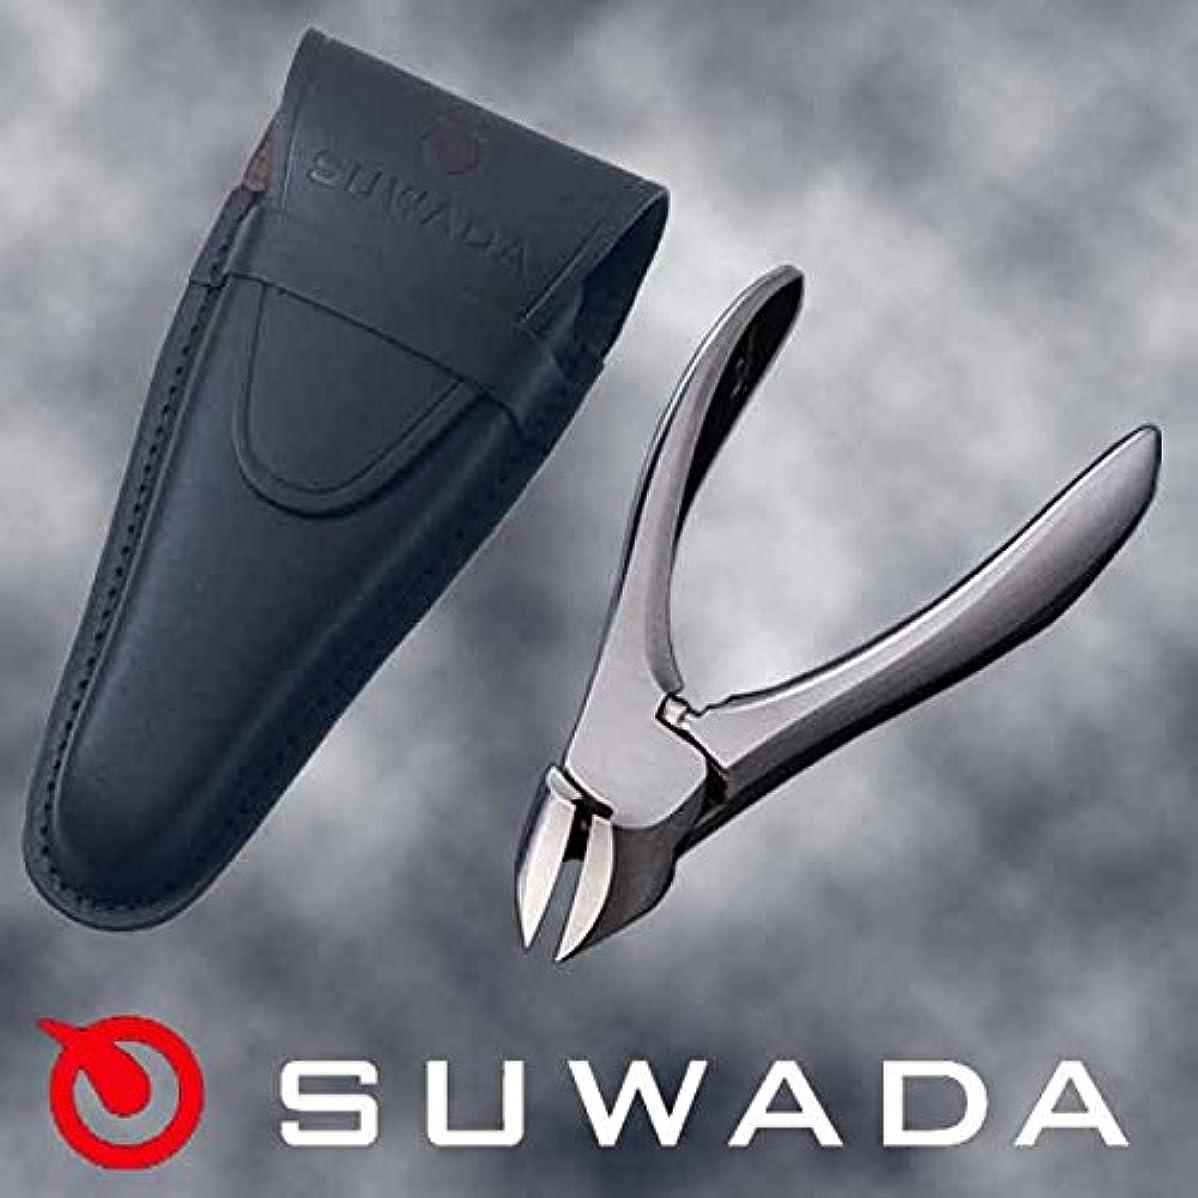 浸したガスインフラSUWADA爪切りクラシックL&ブラック革ケースセット 特注モデル 諏訪田製作所製 スワダの爪切り